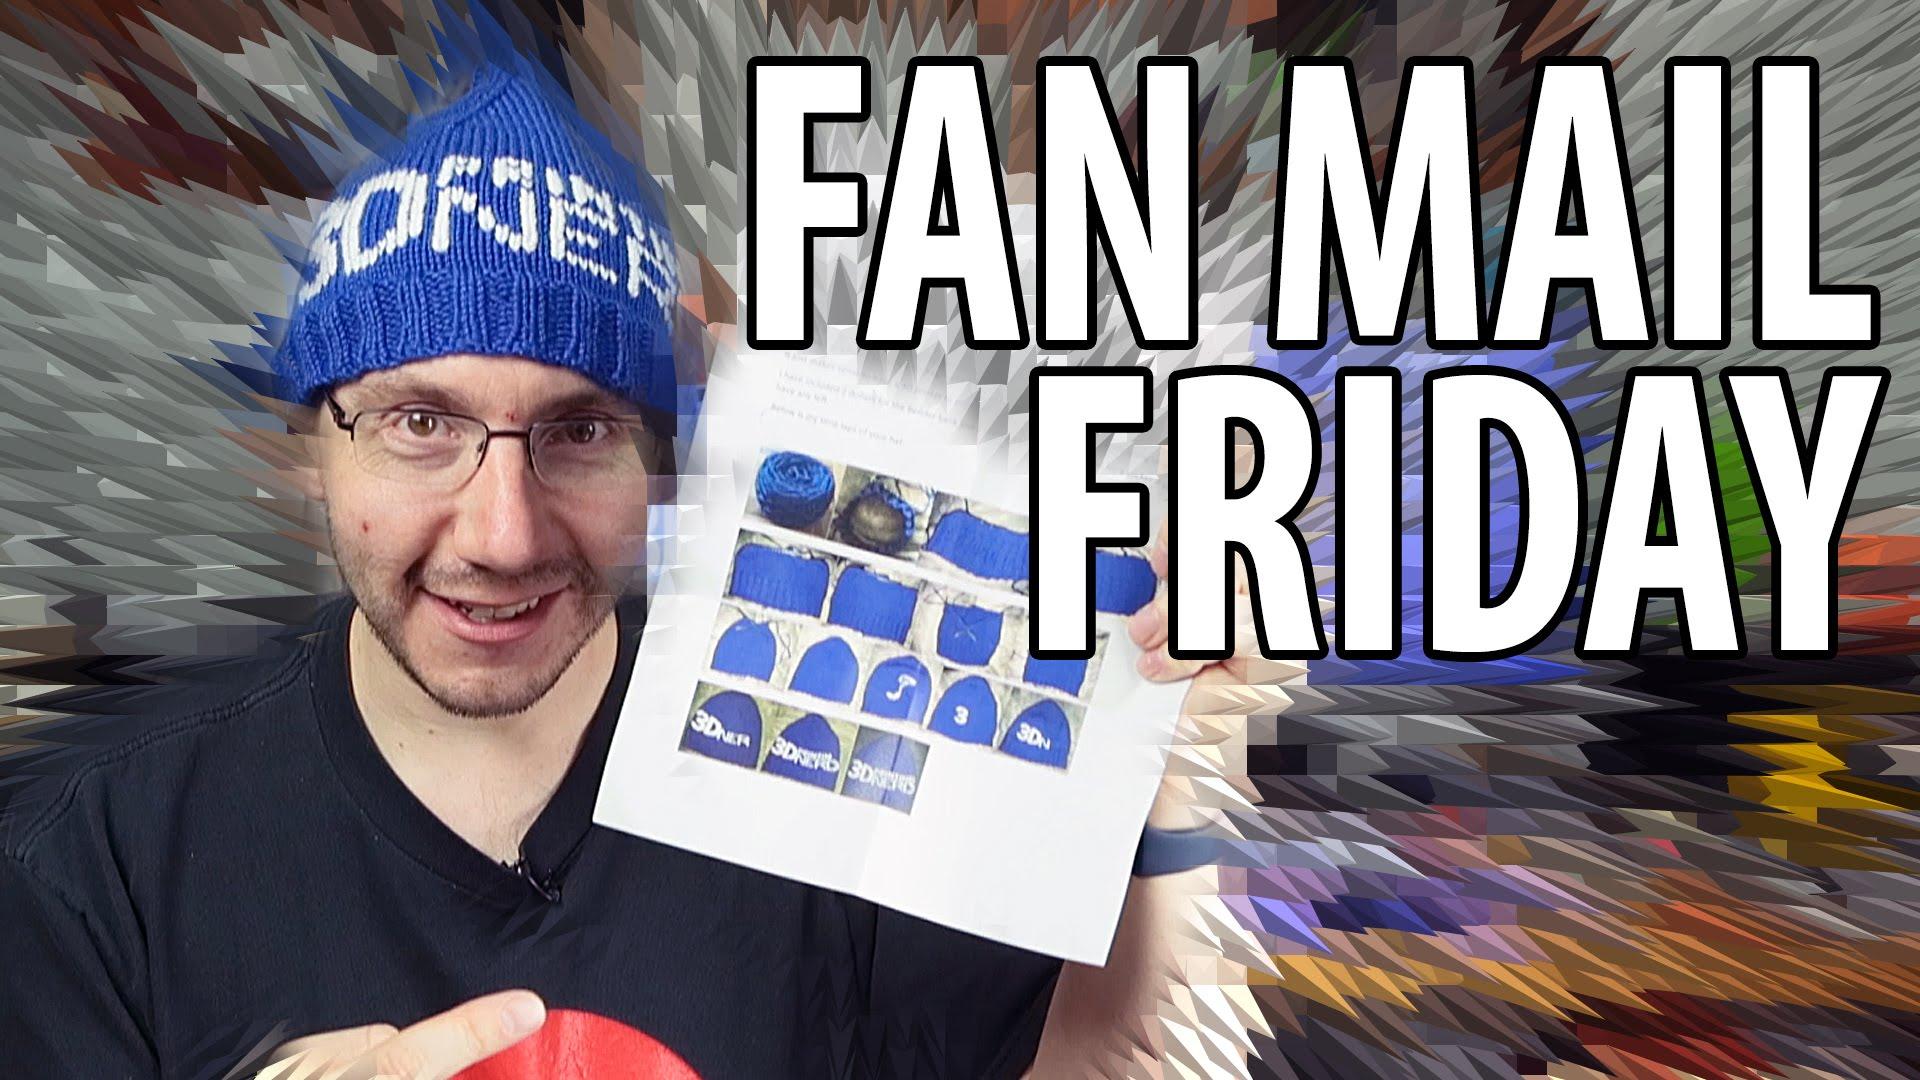 Fan Mail Friday 004